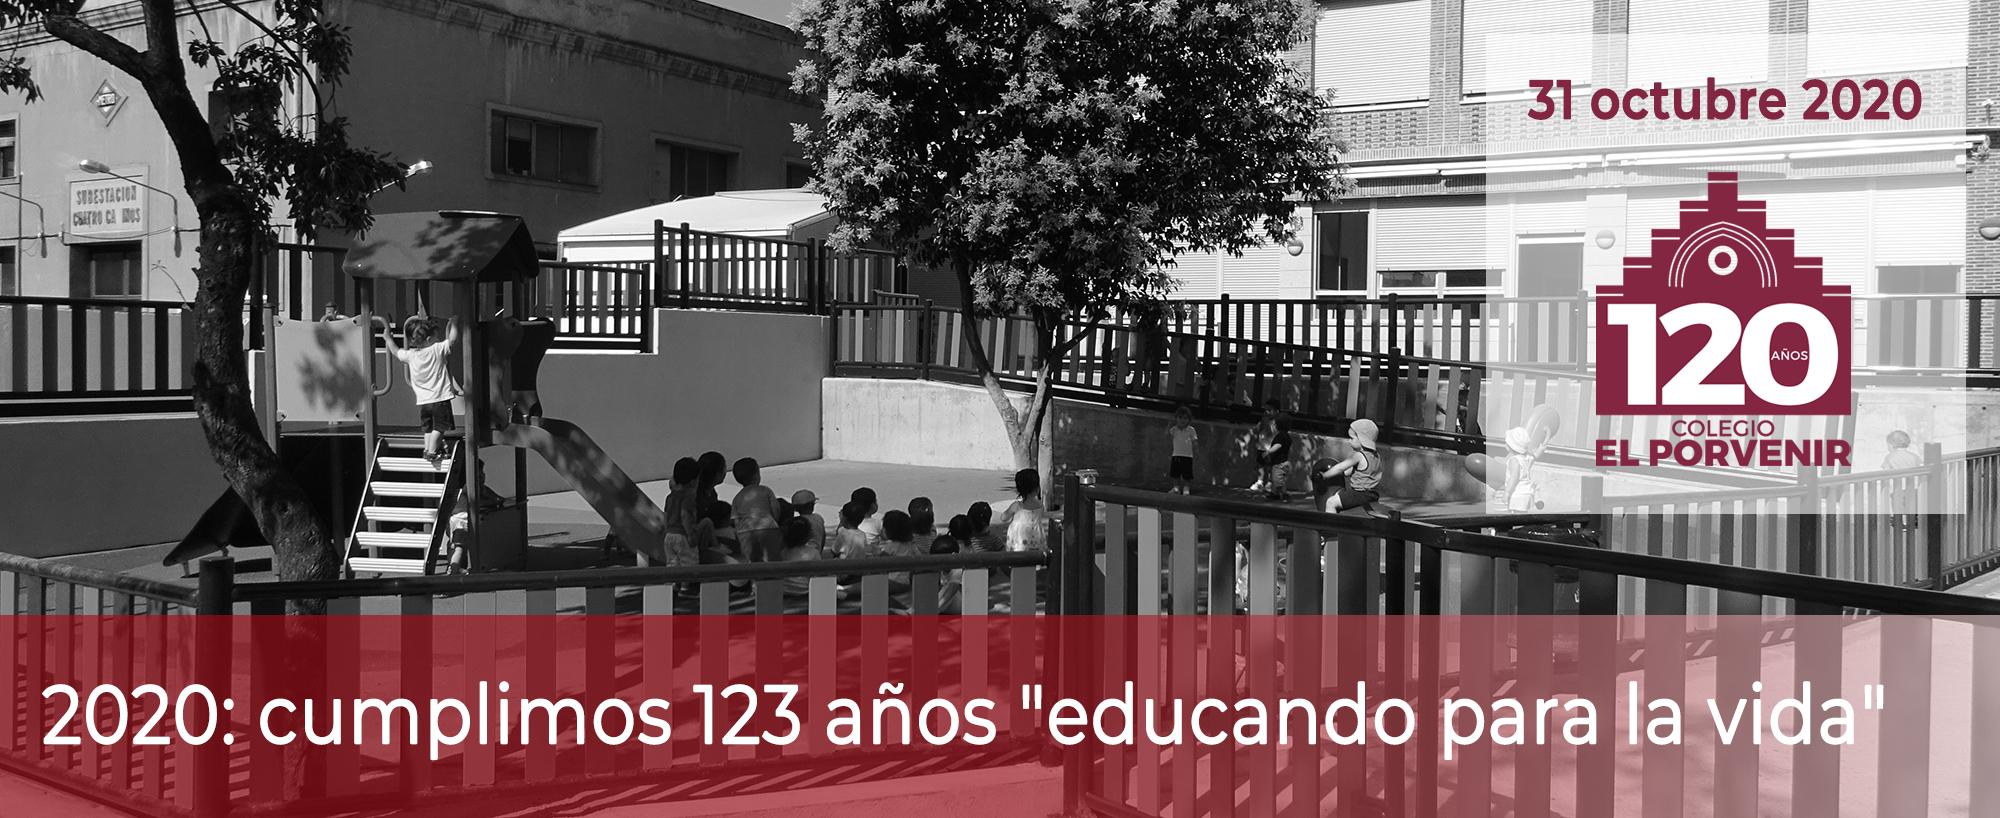 123 Aniversario colegio El Porvenir 31 octubre 2020